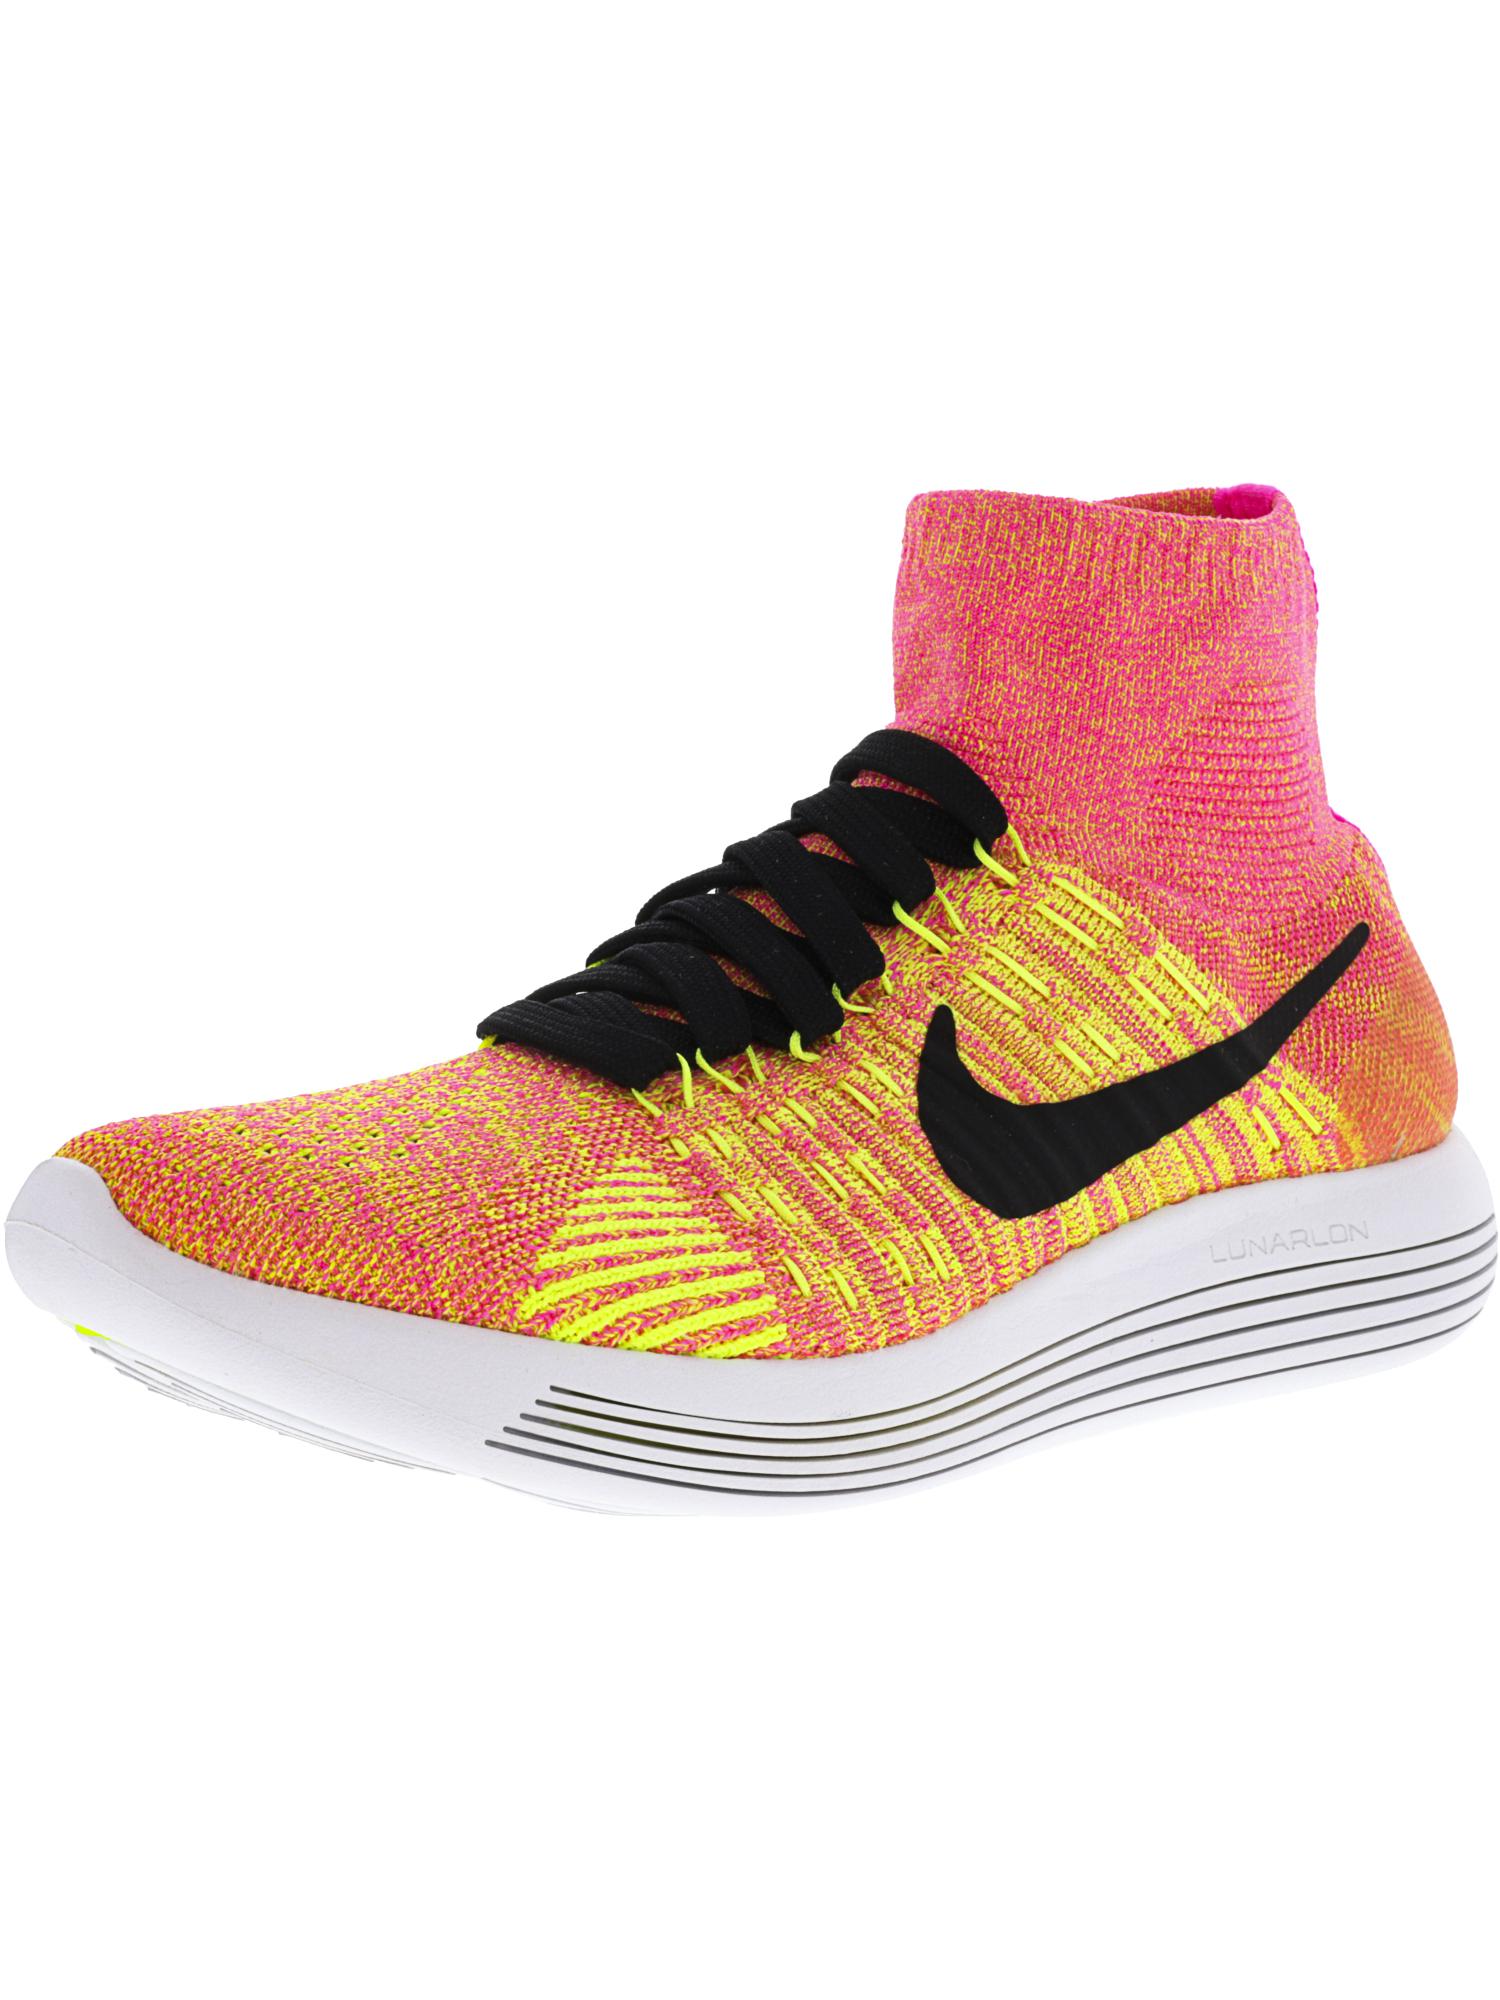 03e4d346d1c41 ... Nike Women s Women s Women s Lunarepic Flyknit Oc Ankle-High Running  Shoe 6e7cba